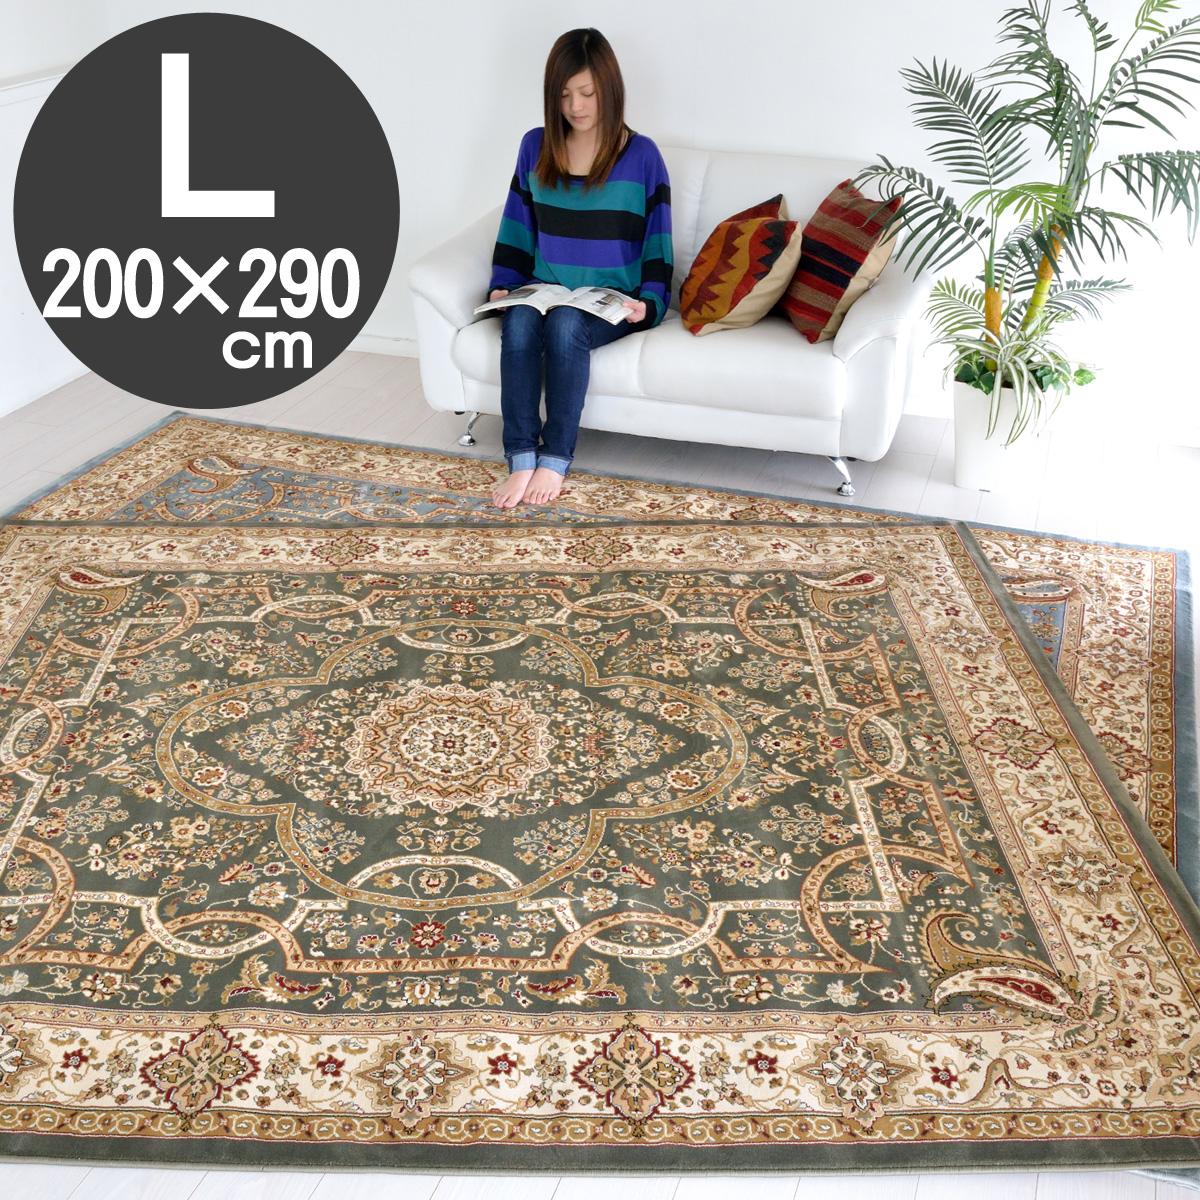 高級ラグ ヨーロピアン ペルシャ絨毯の伝統的なクラシックデザイン 200×290 約3.5帖 ケウマン1314A トルコ製 ウィルトン織 ラグ 超高密度パイル グリーン ブルー  classic design